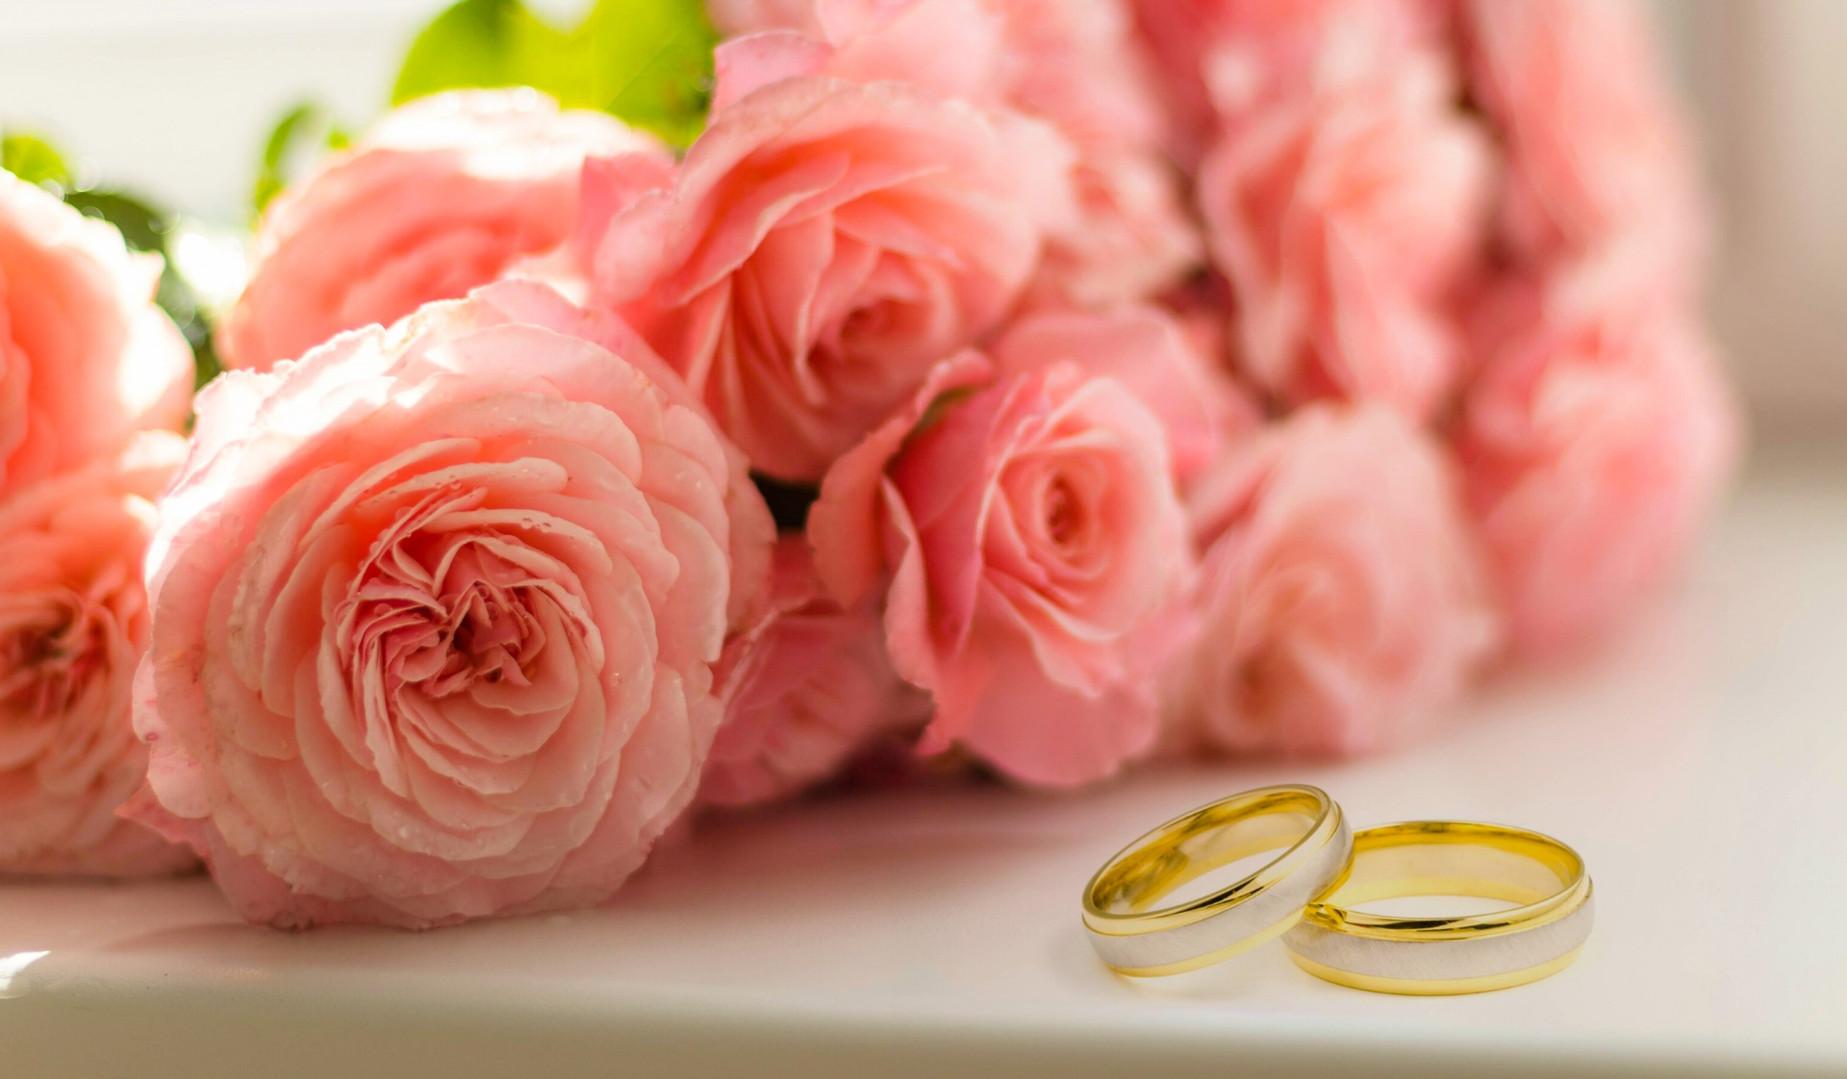 Hochzeitsringe mit Rosen